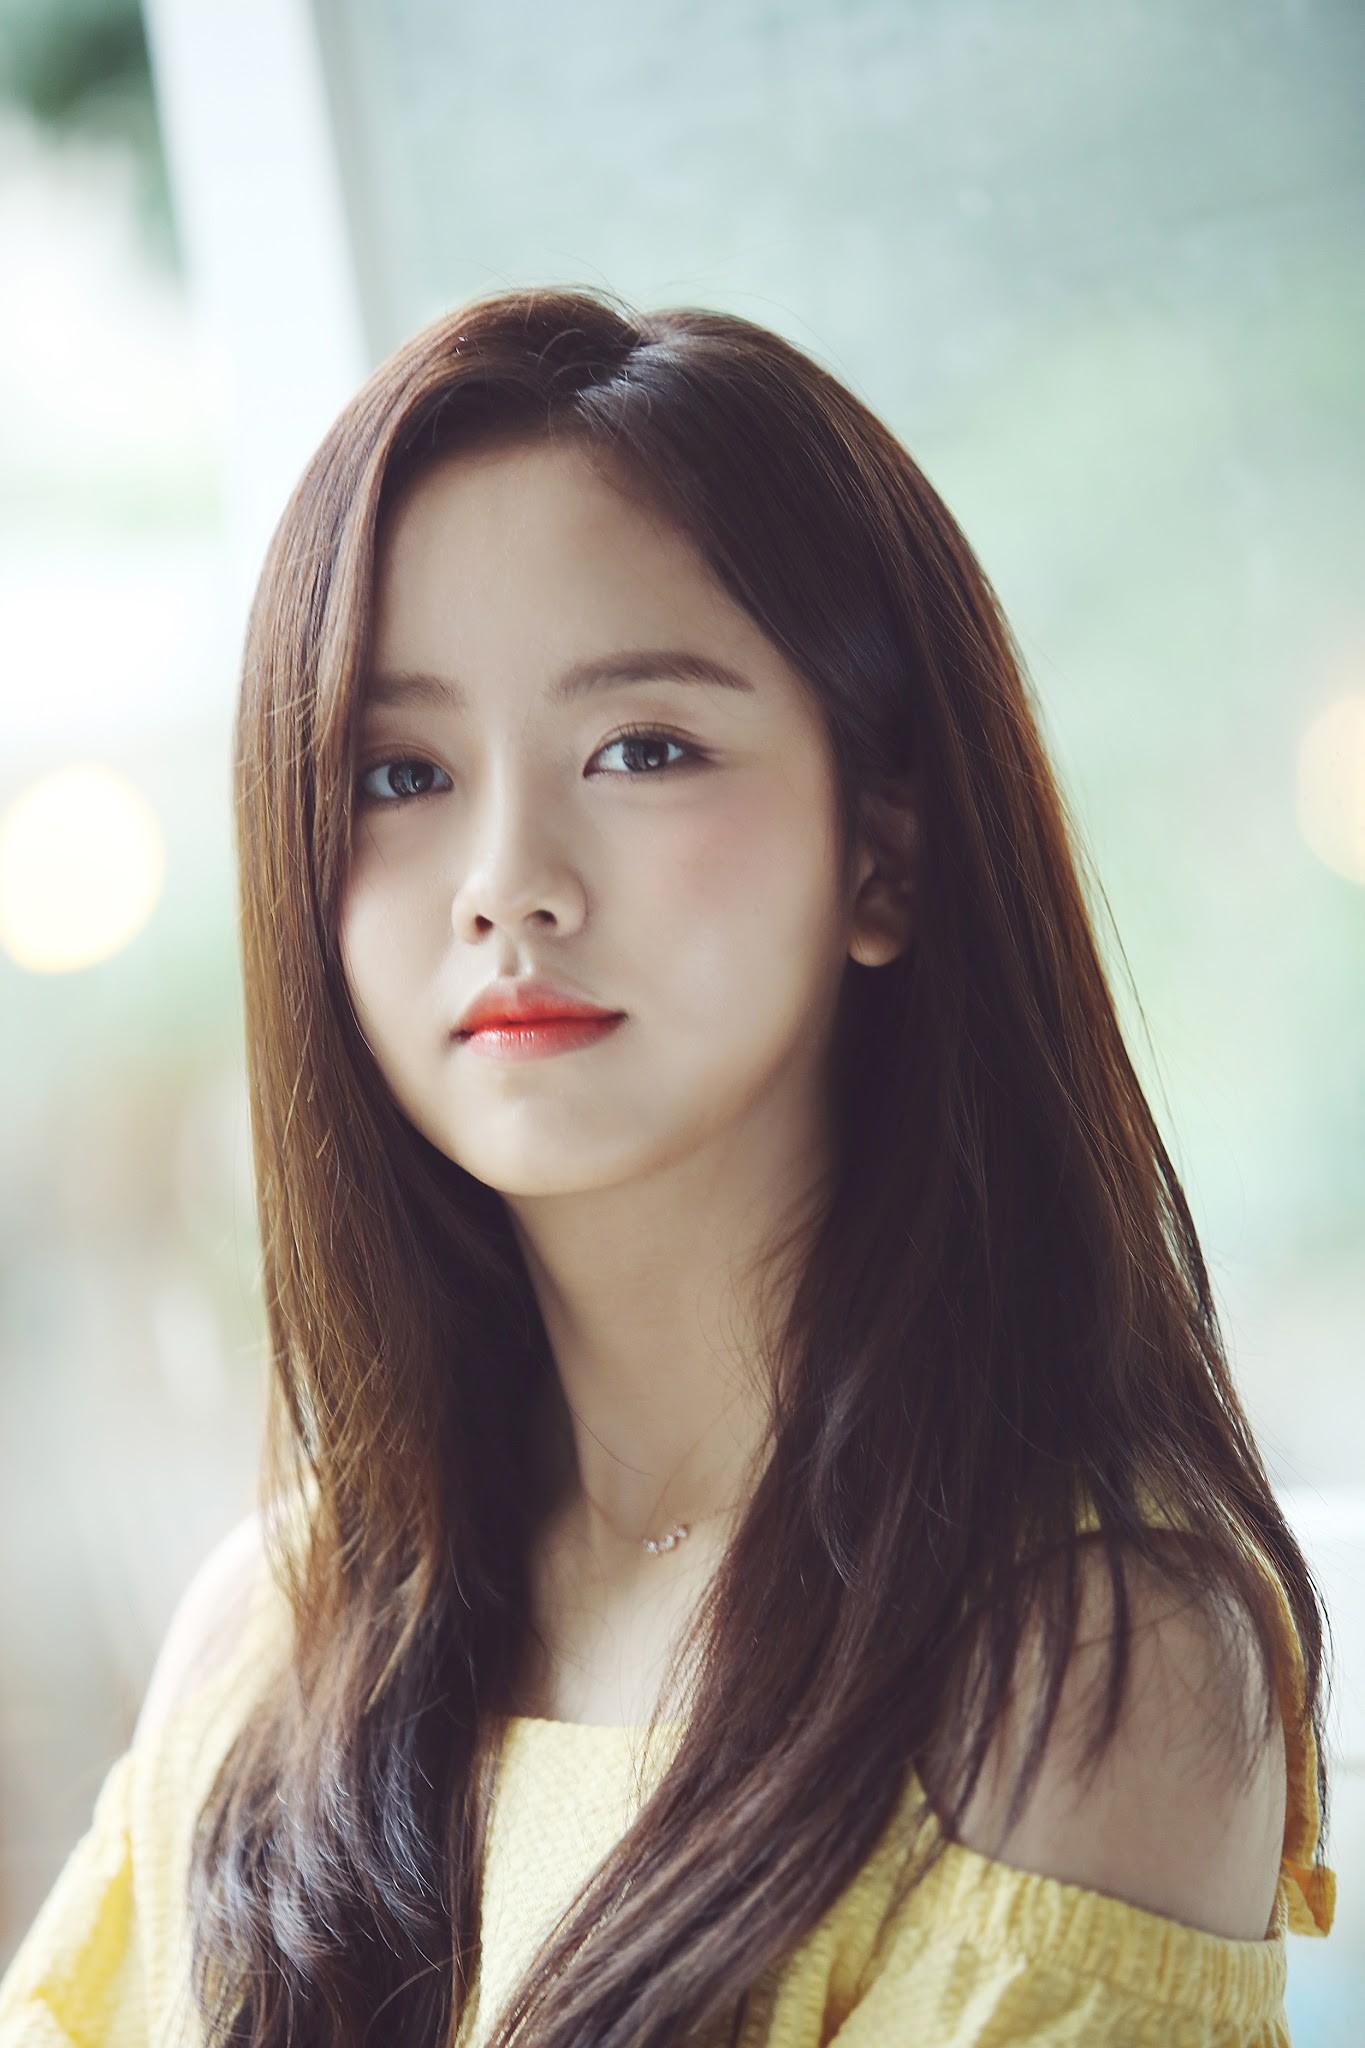 2 nữ thần nhí một thời Kim Yoo Jung và Kim So Hyun dậy thì: Quá xuất sắc, đẹp đến mức khó chọn ai nhỉnh hơn - Ảnh 9.